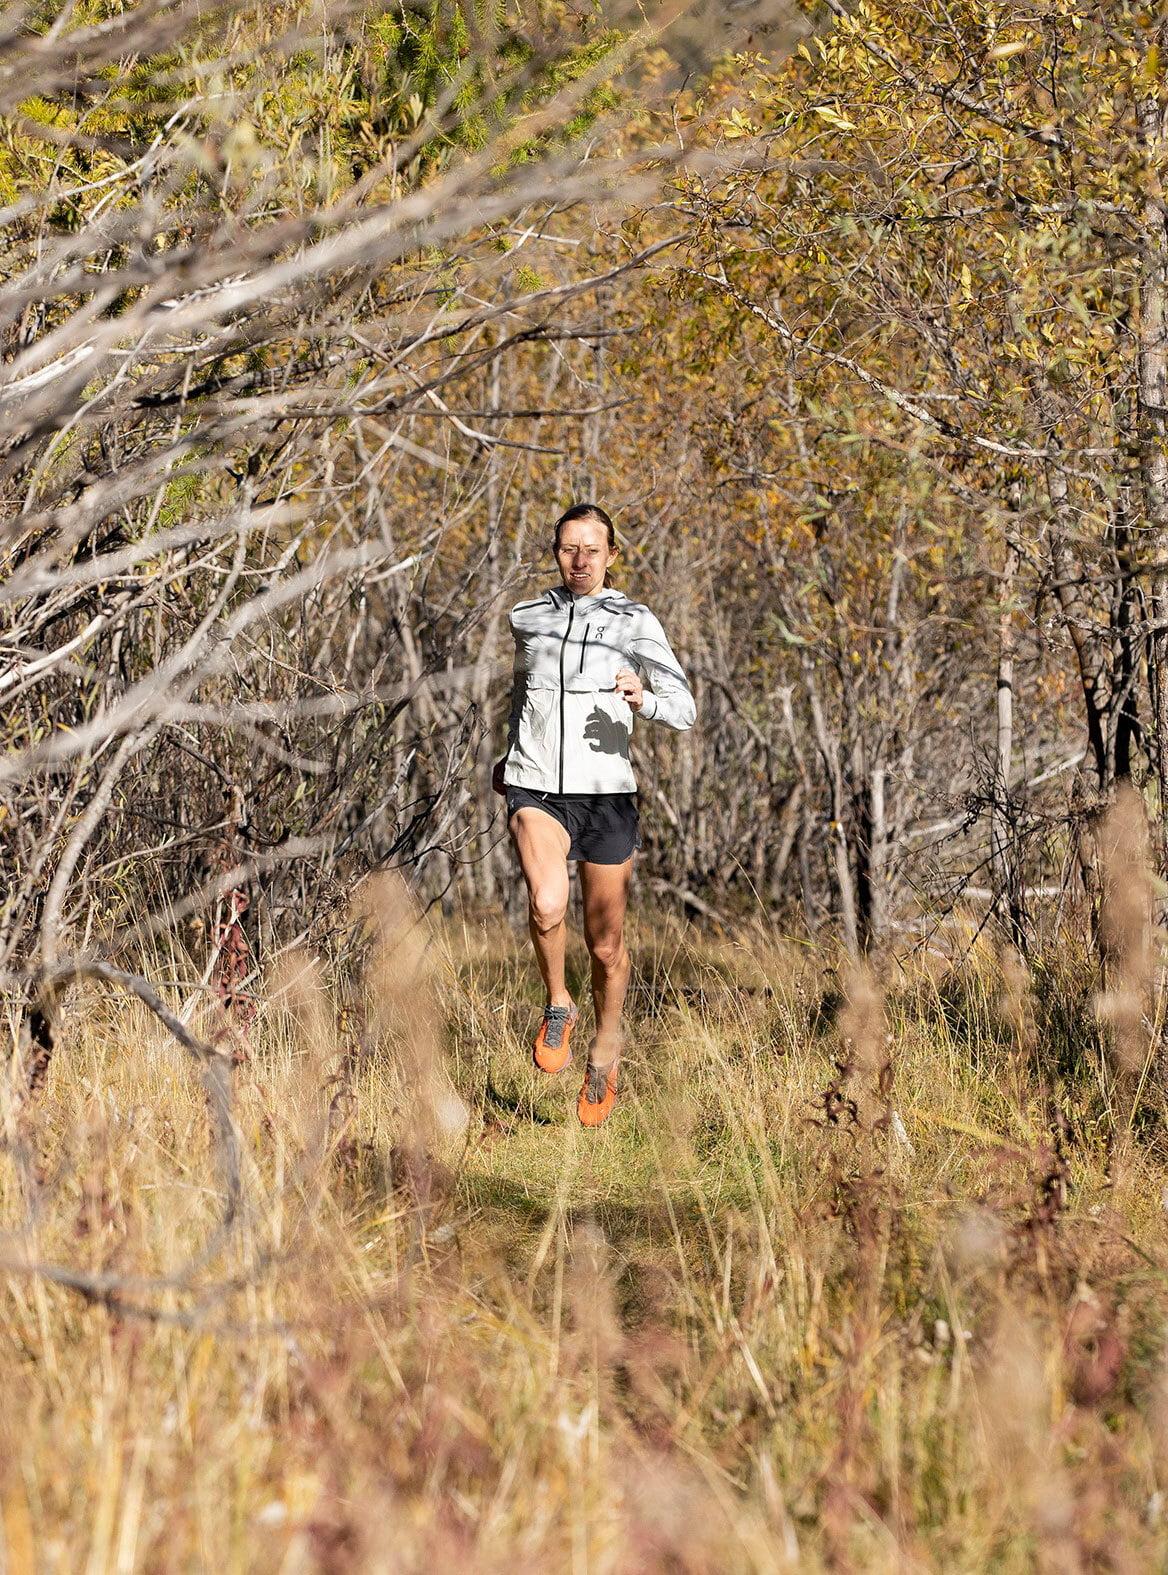 Running in the garden of the River Inn.